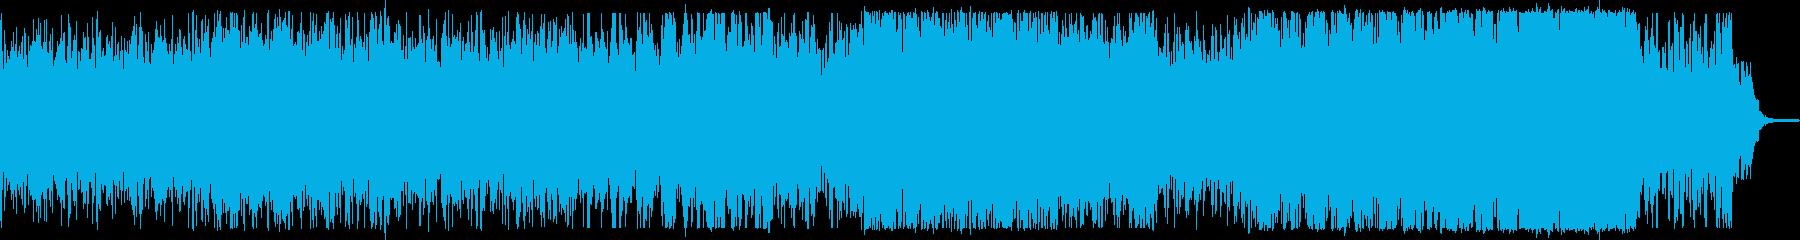 オシャレでジャジーなイメージの再生済みの波形